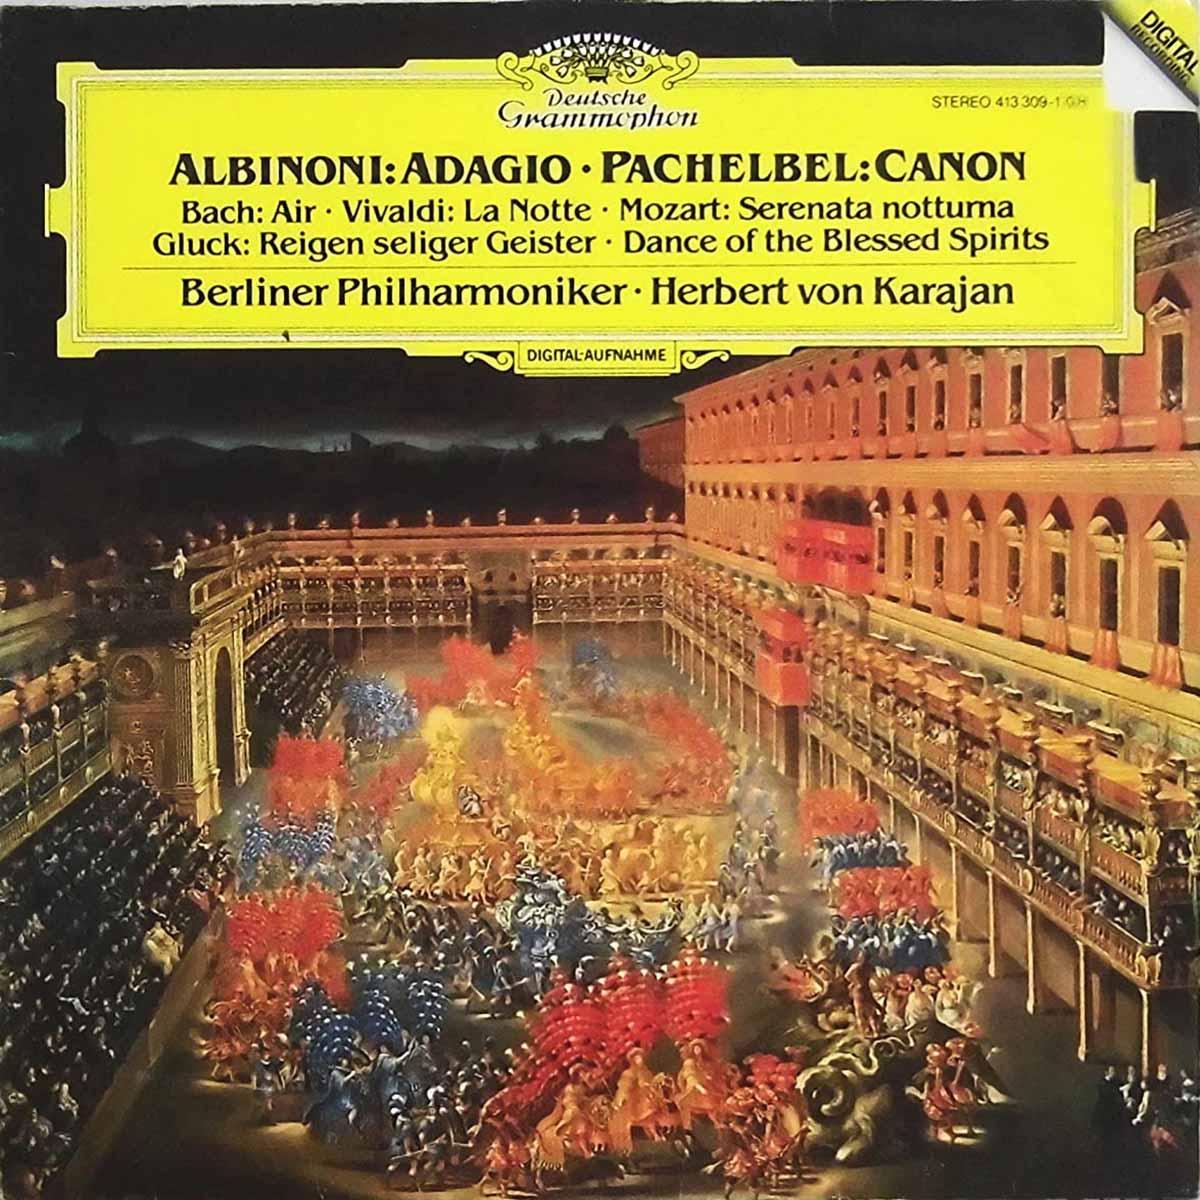 DGG 413 309 Albinoni Adagio_Pachelbel Canon Karajan DGG Digital Aufnahme